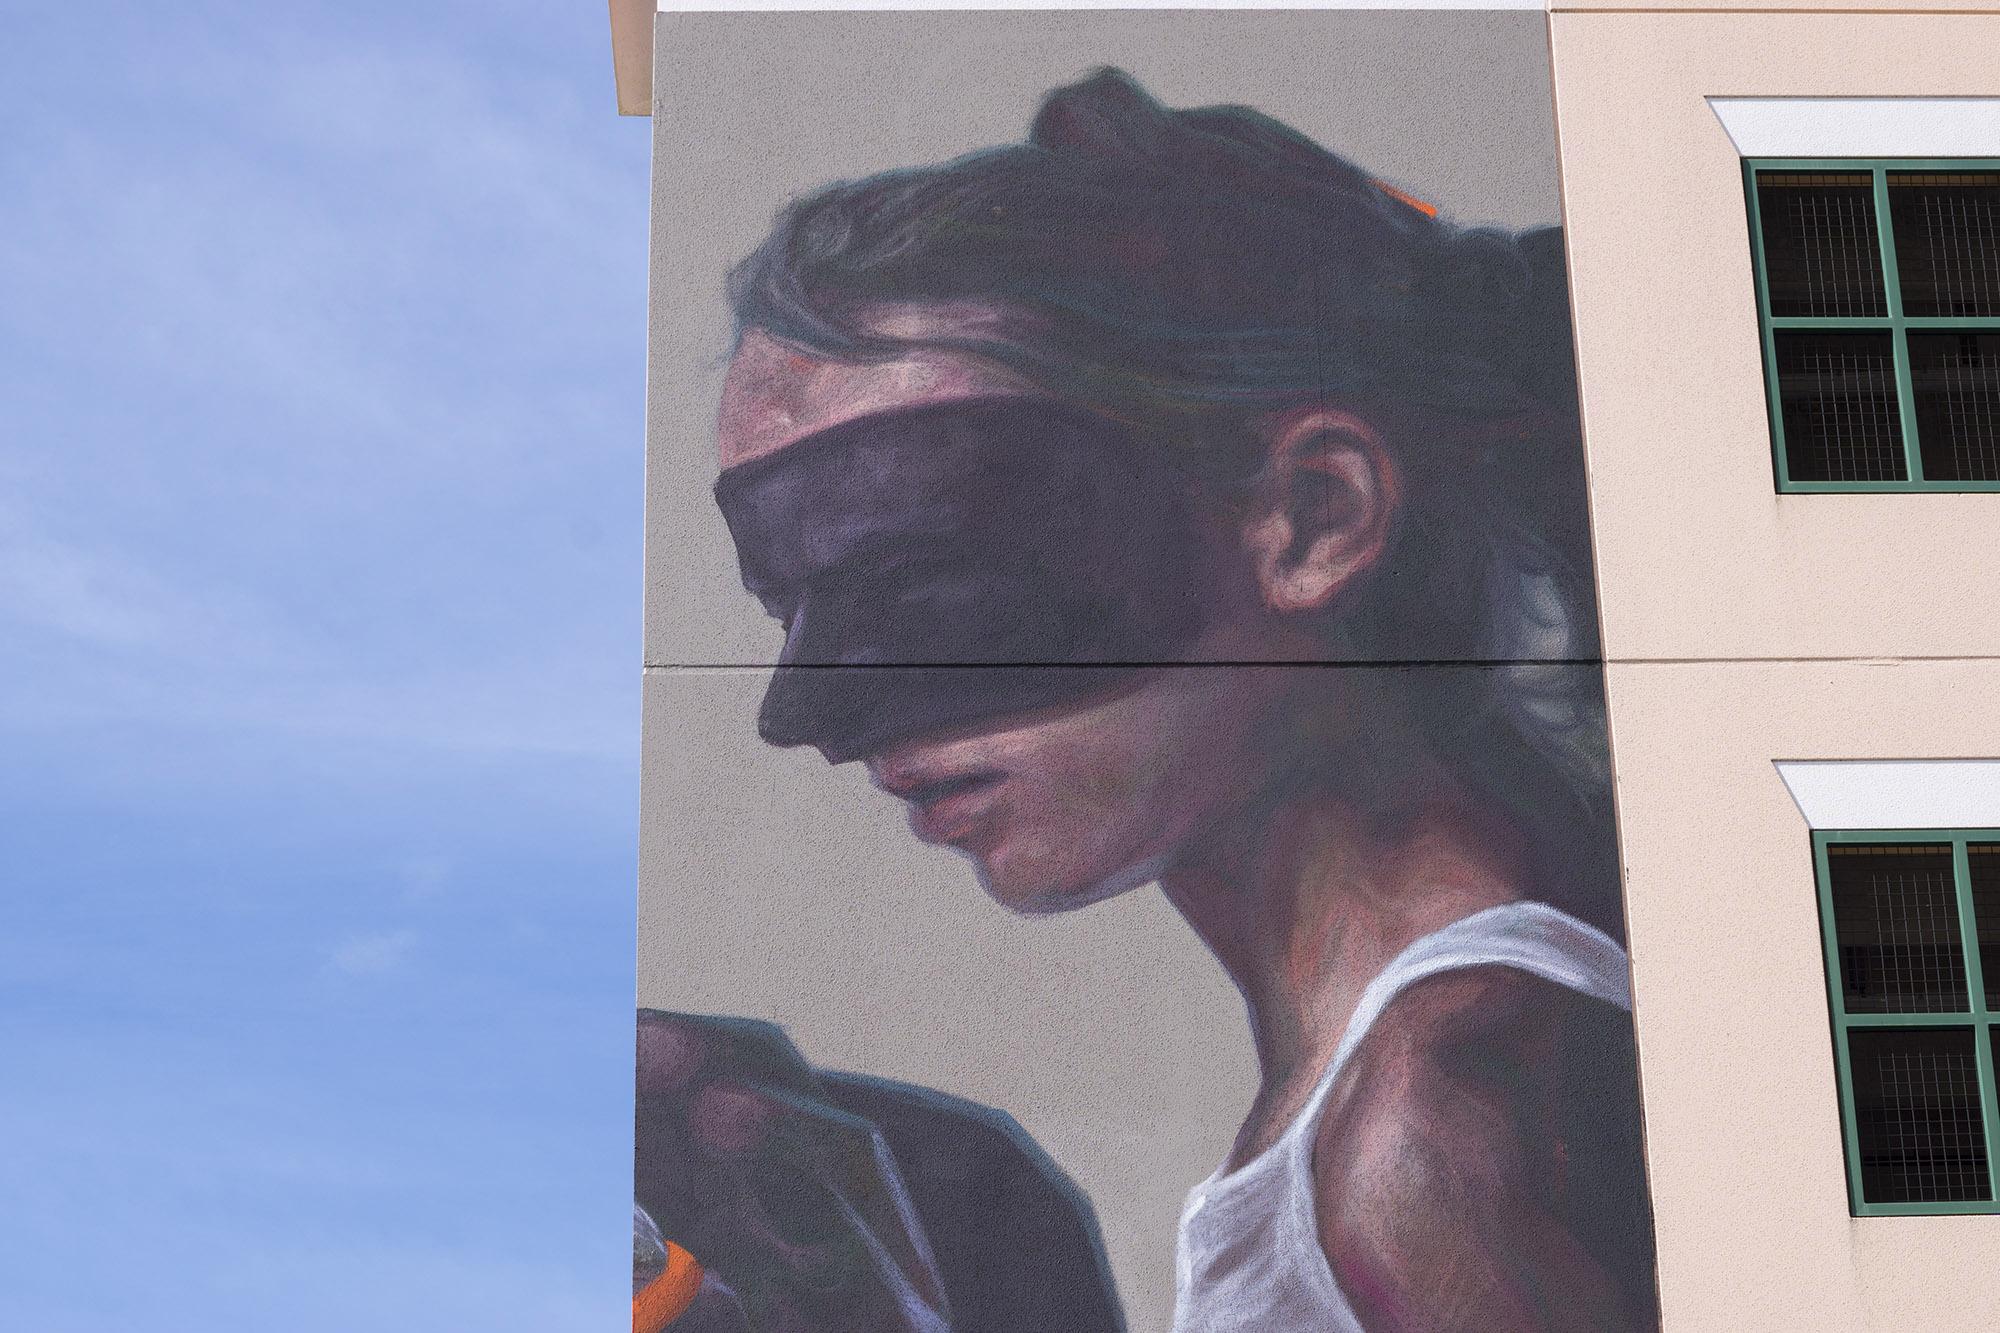 Evoca1 n 352 walls Gainesville_8